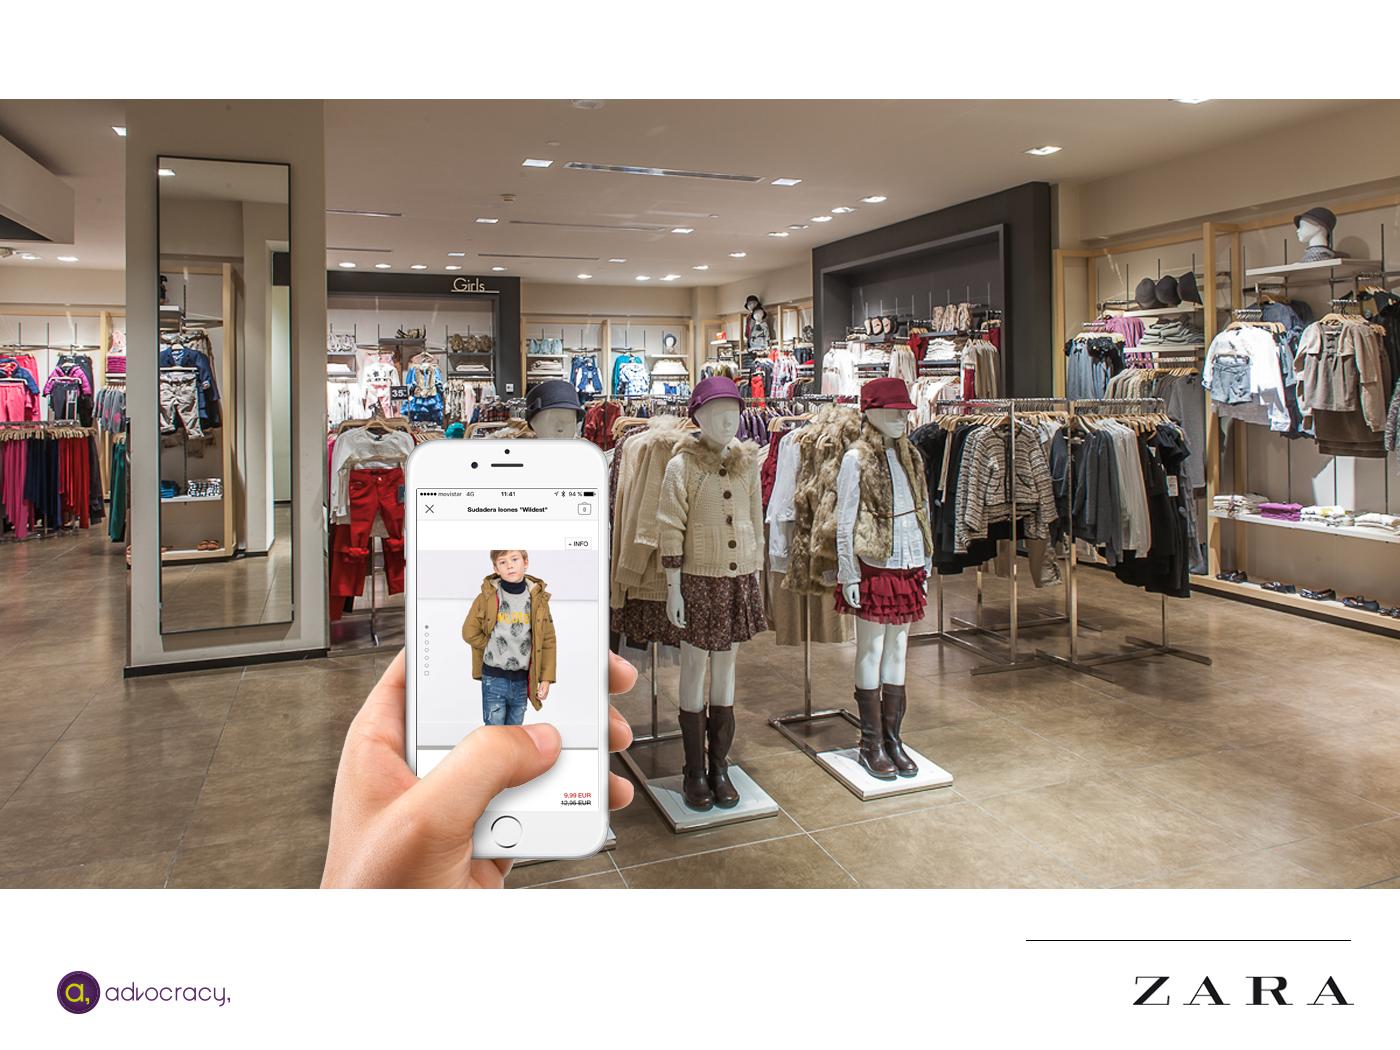 zara-app-kids